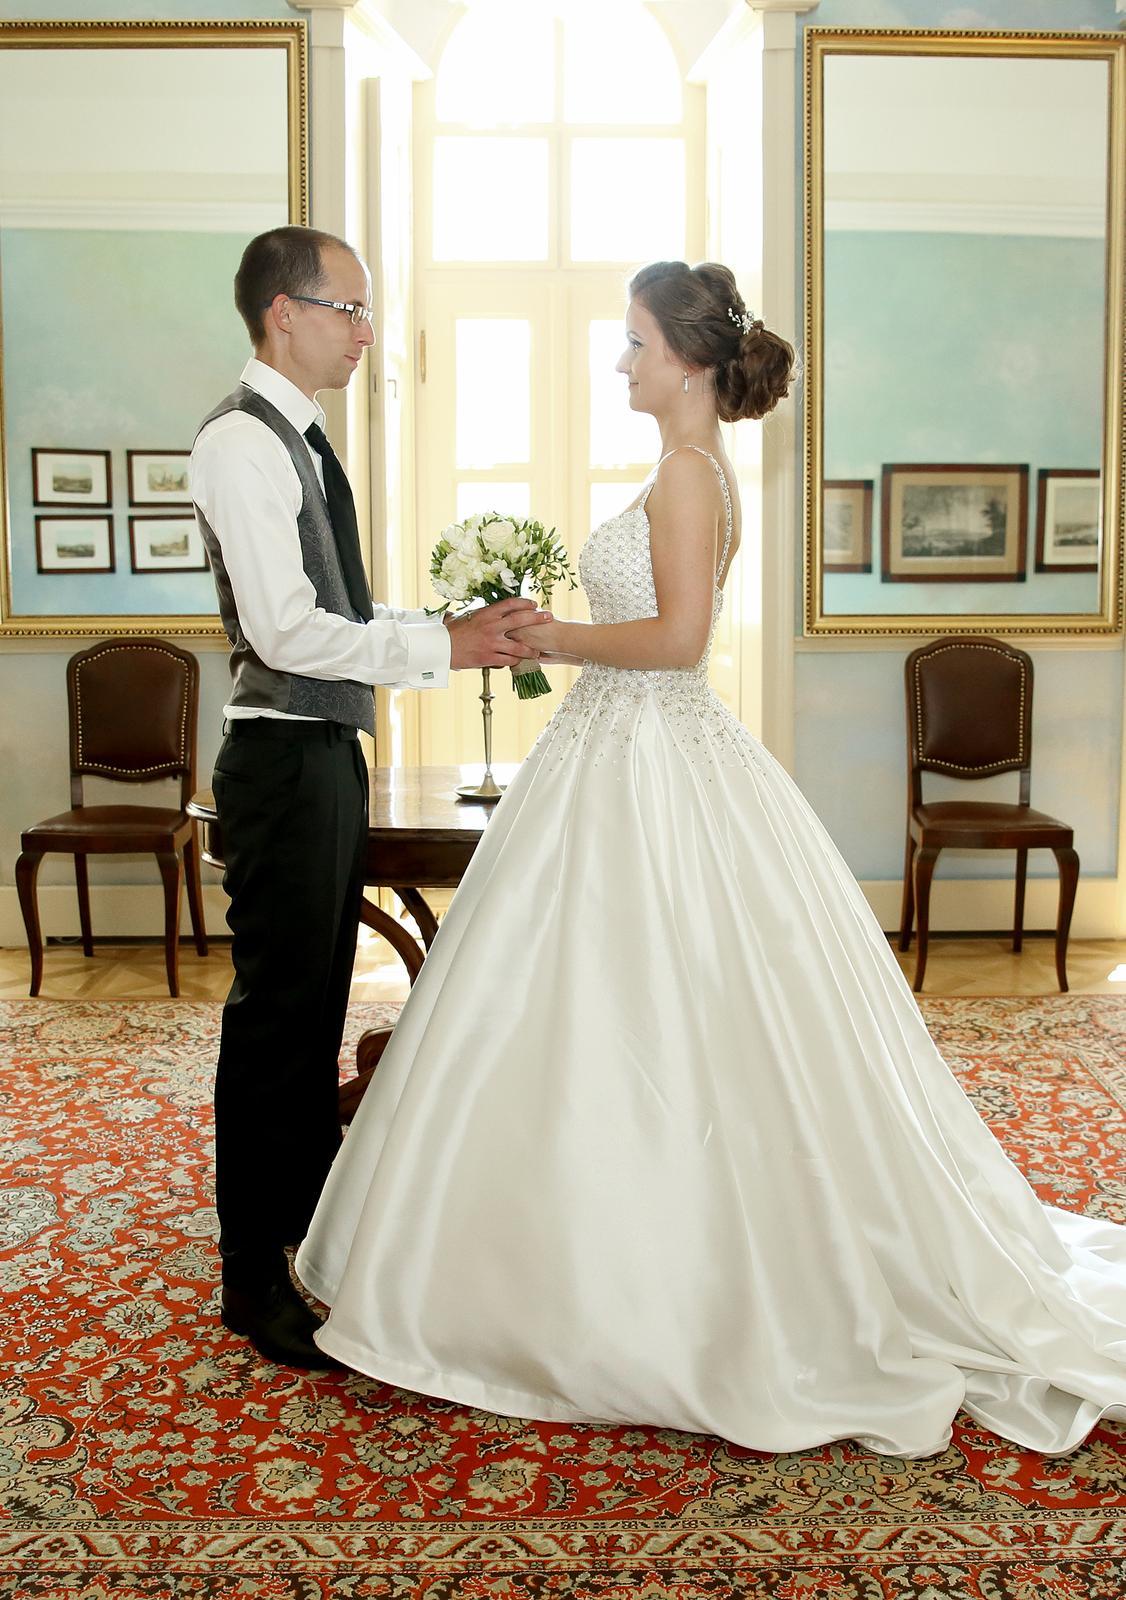 Pred svadbou som hľadal... - Obrázek č. 2